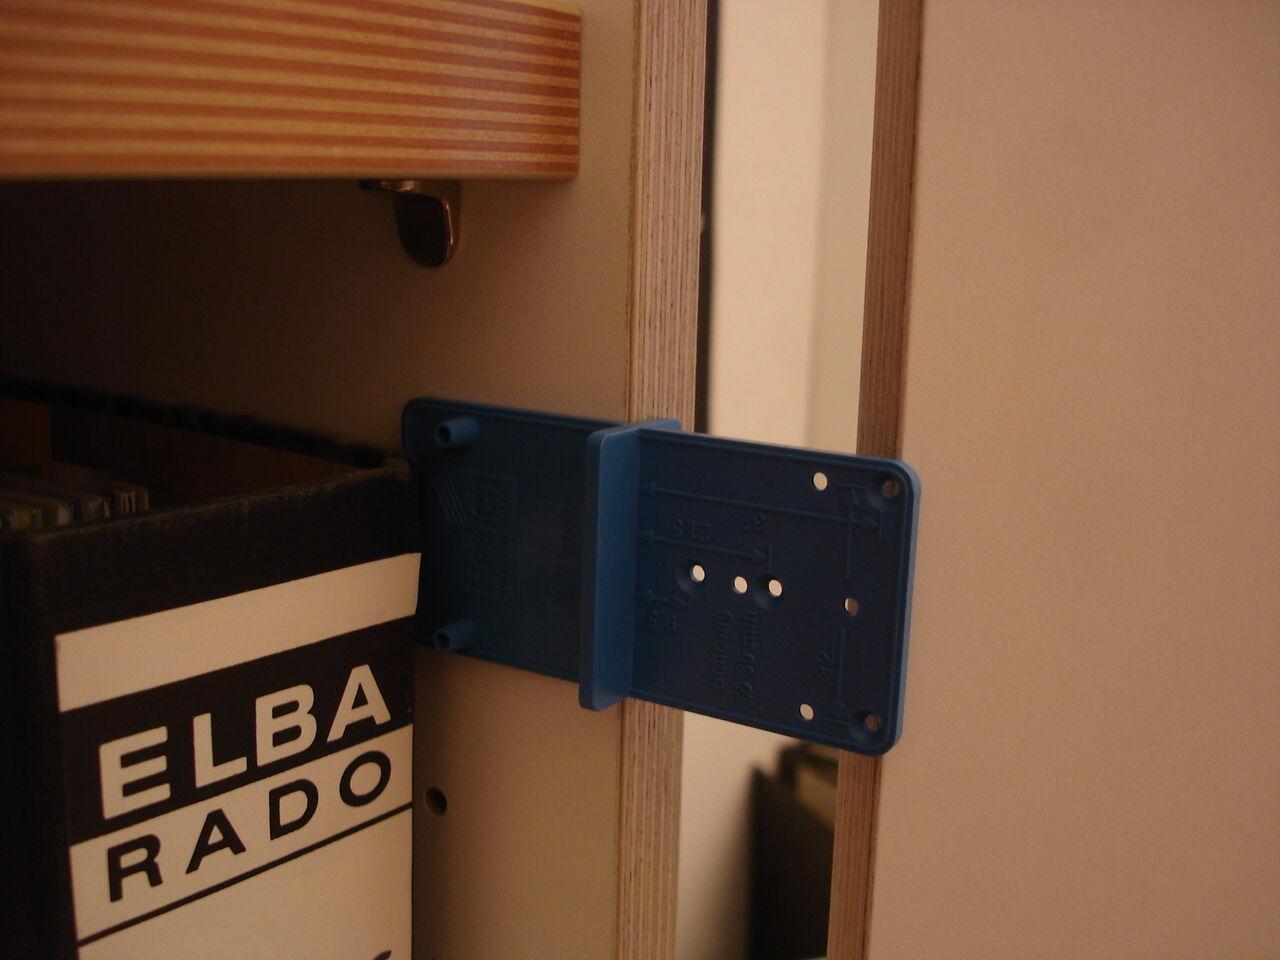 hettich bohrlehre multi blue f montageplatten scharniere. Black Bedroom Furniture Sets. Home Design Ideas